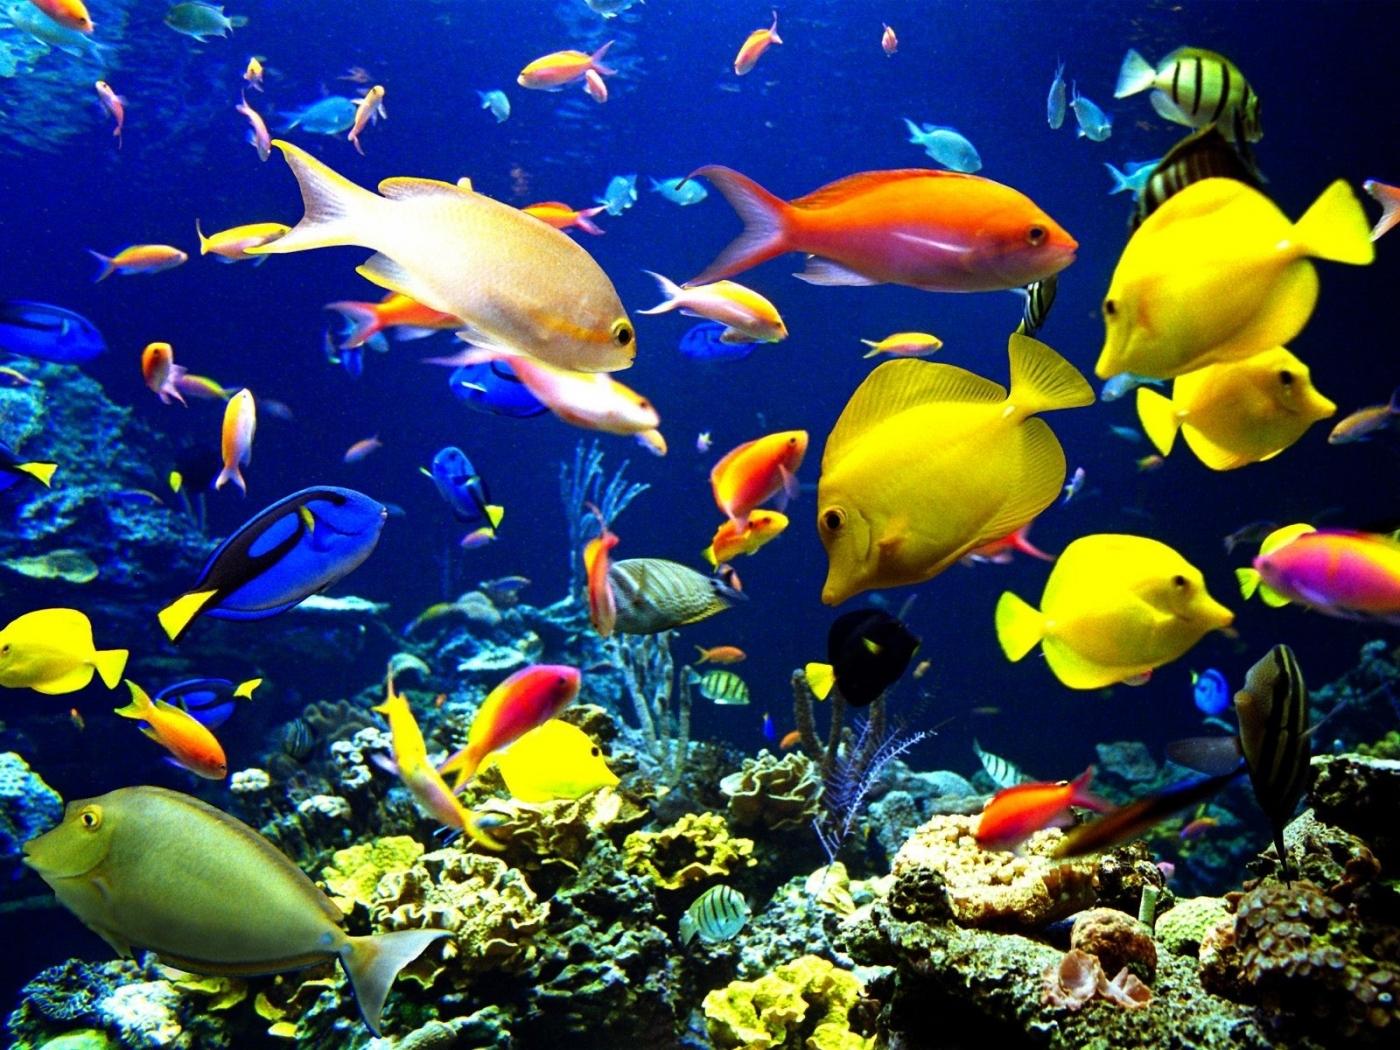 31411 Заставки и Обои Рыбы на телефон. Скачать Рыбы, Аквариумы, Животные картинки бесплатно